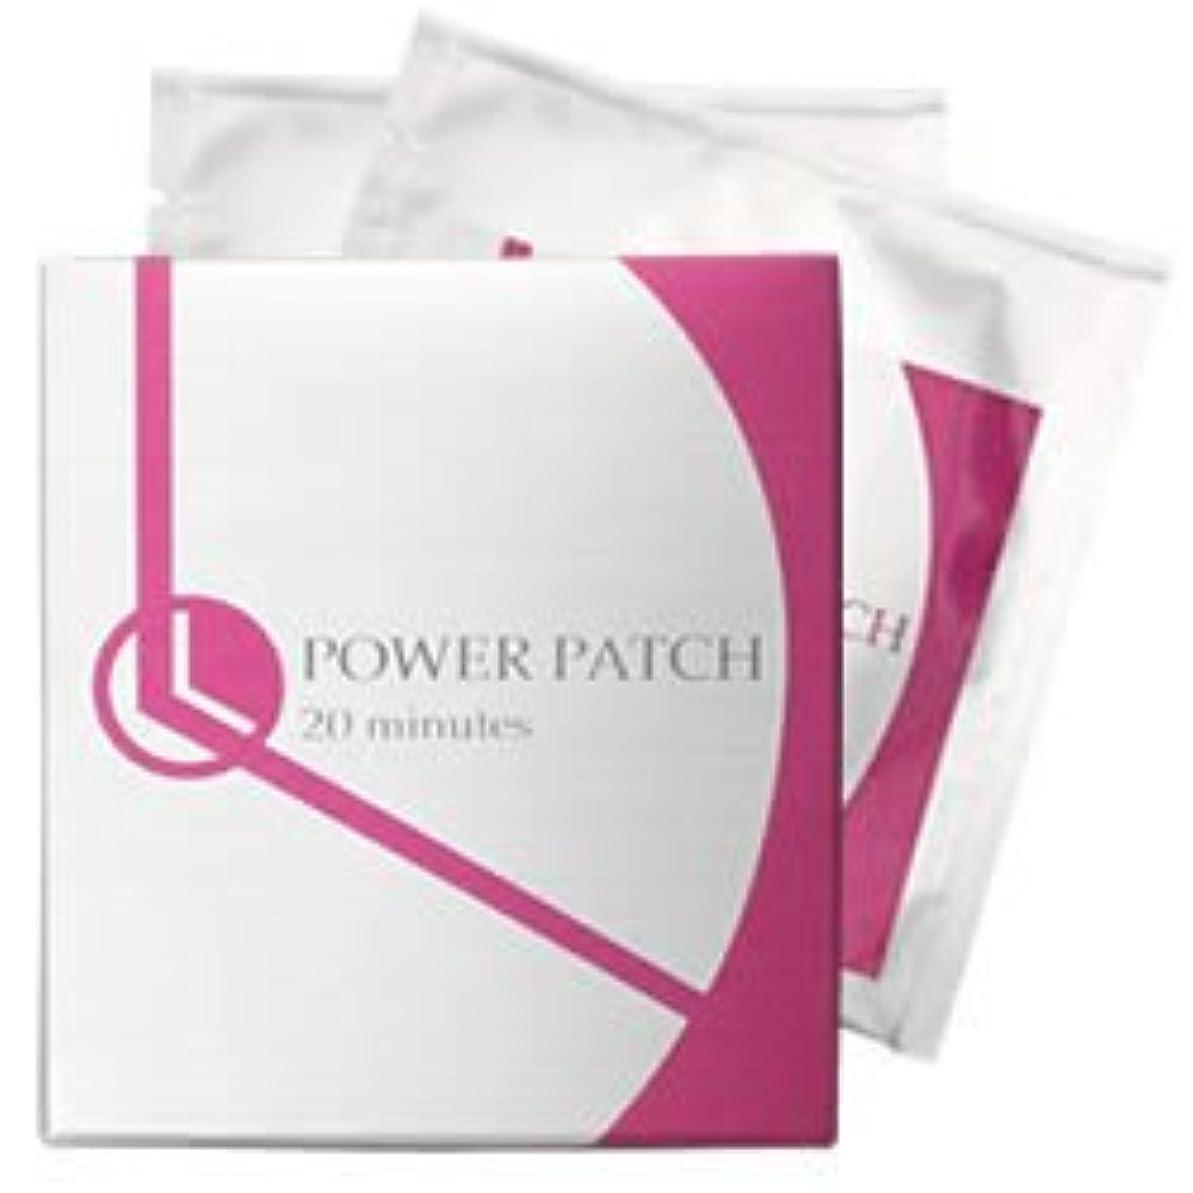 協定光沢迷彩パワーパッチ20minutes 6袋入り(1袋に左右用各1枚ずつ入り) 目元専用貼る美顔器